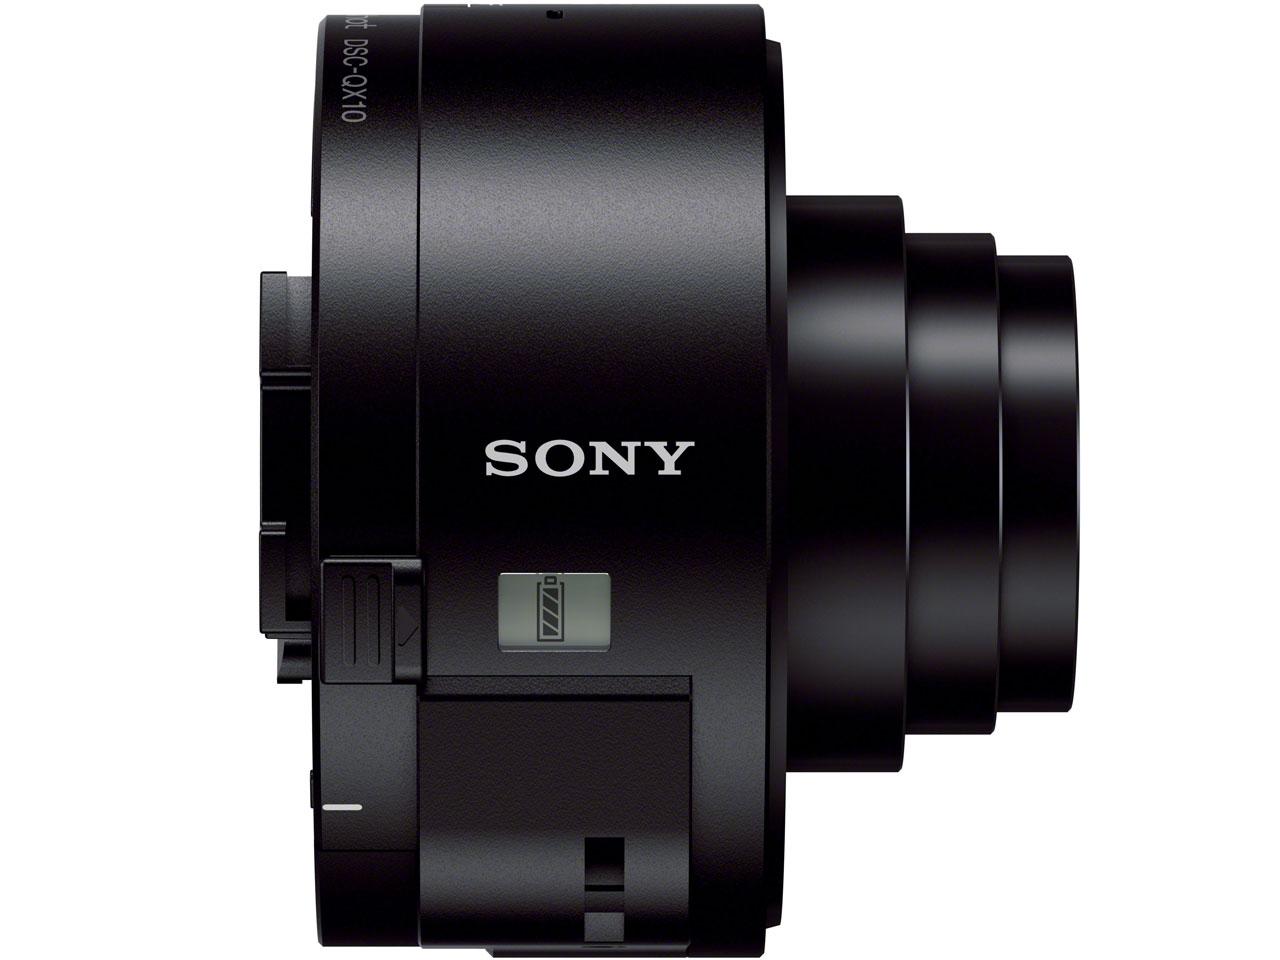 『本体 左側面1』 サイバーショット DSC-QX10 (B) [ブラック] の製品画像